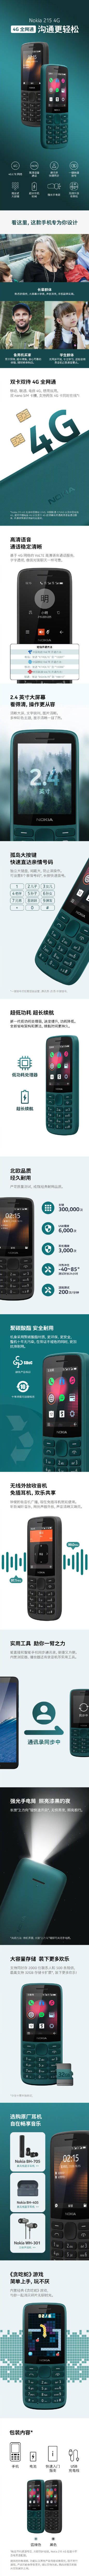 诺基亚发布4G新机——诺基亚215/225